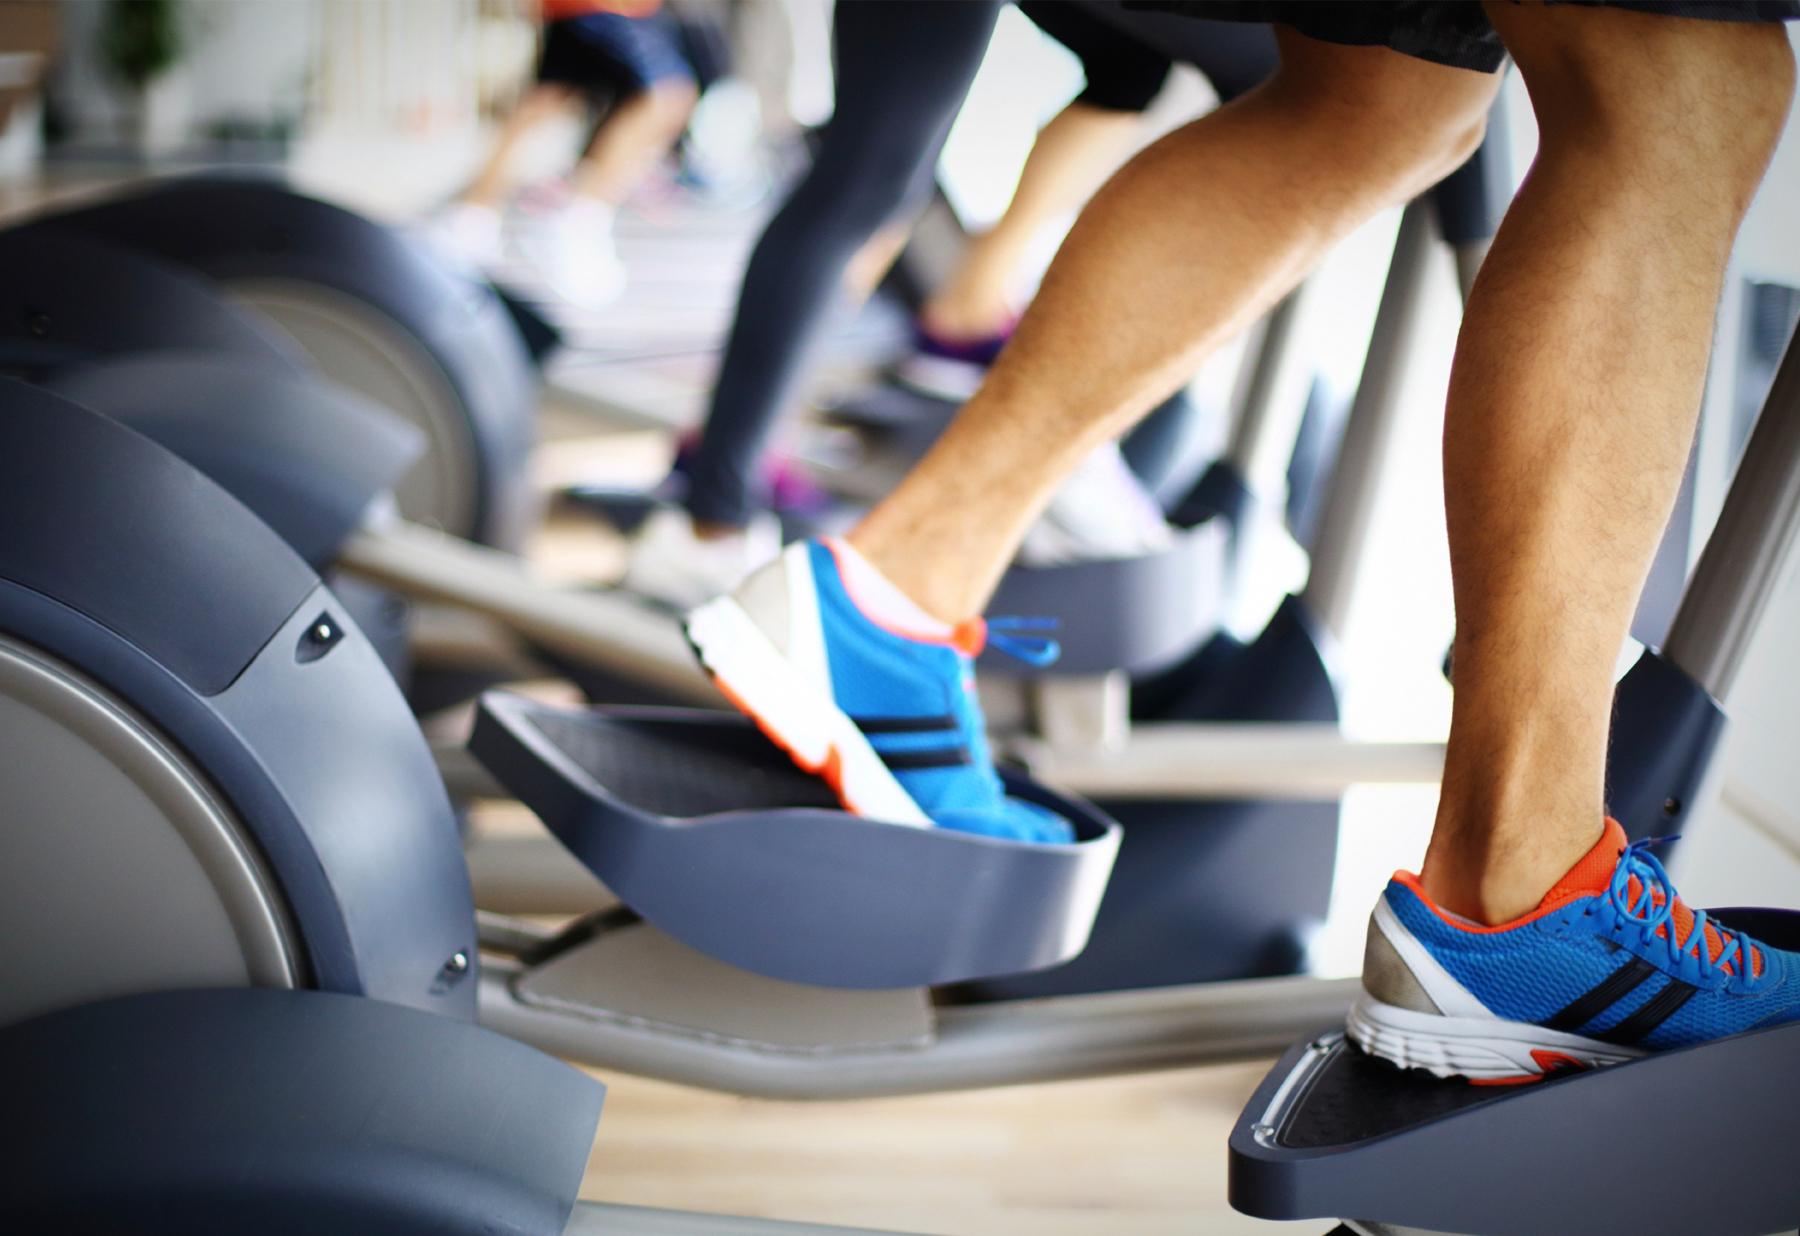 「training gym」の画像検索結果